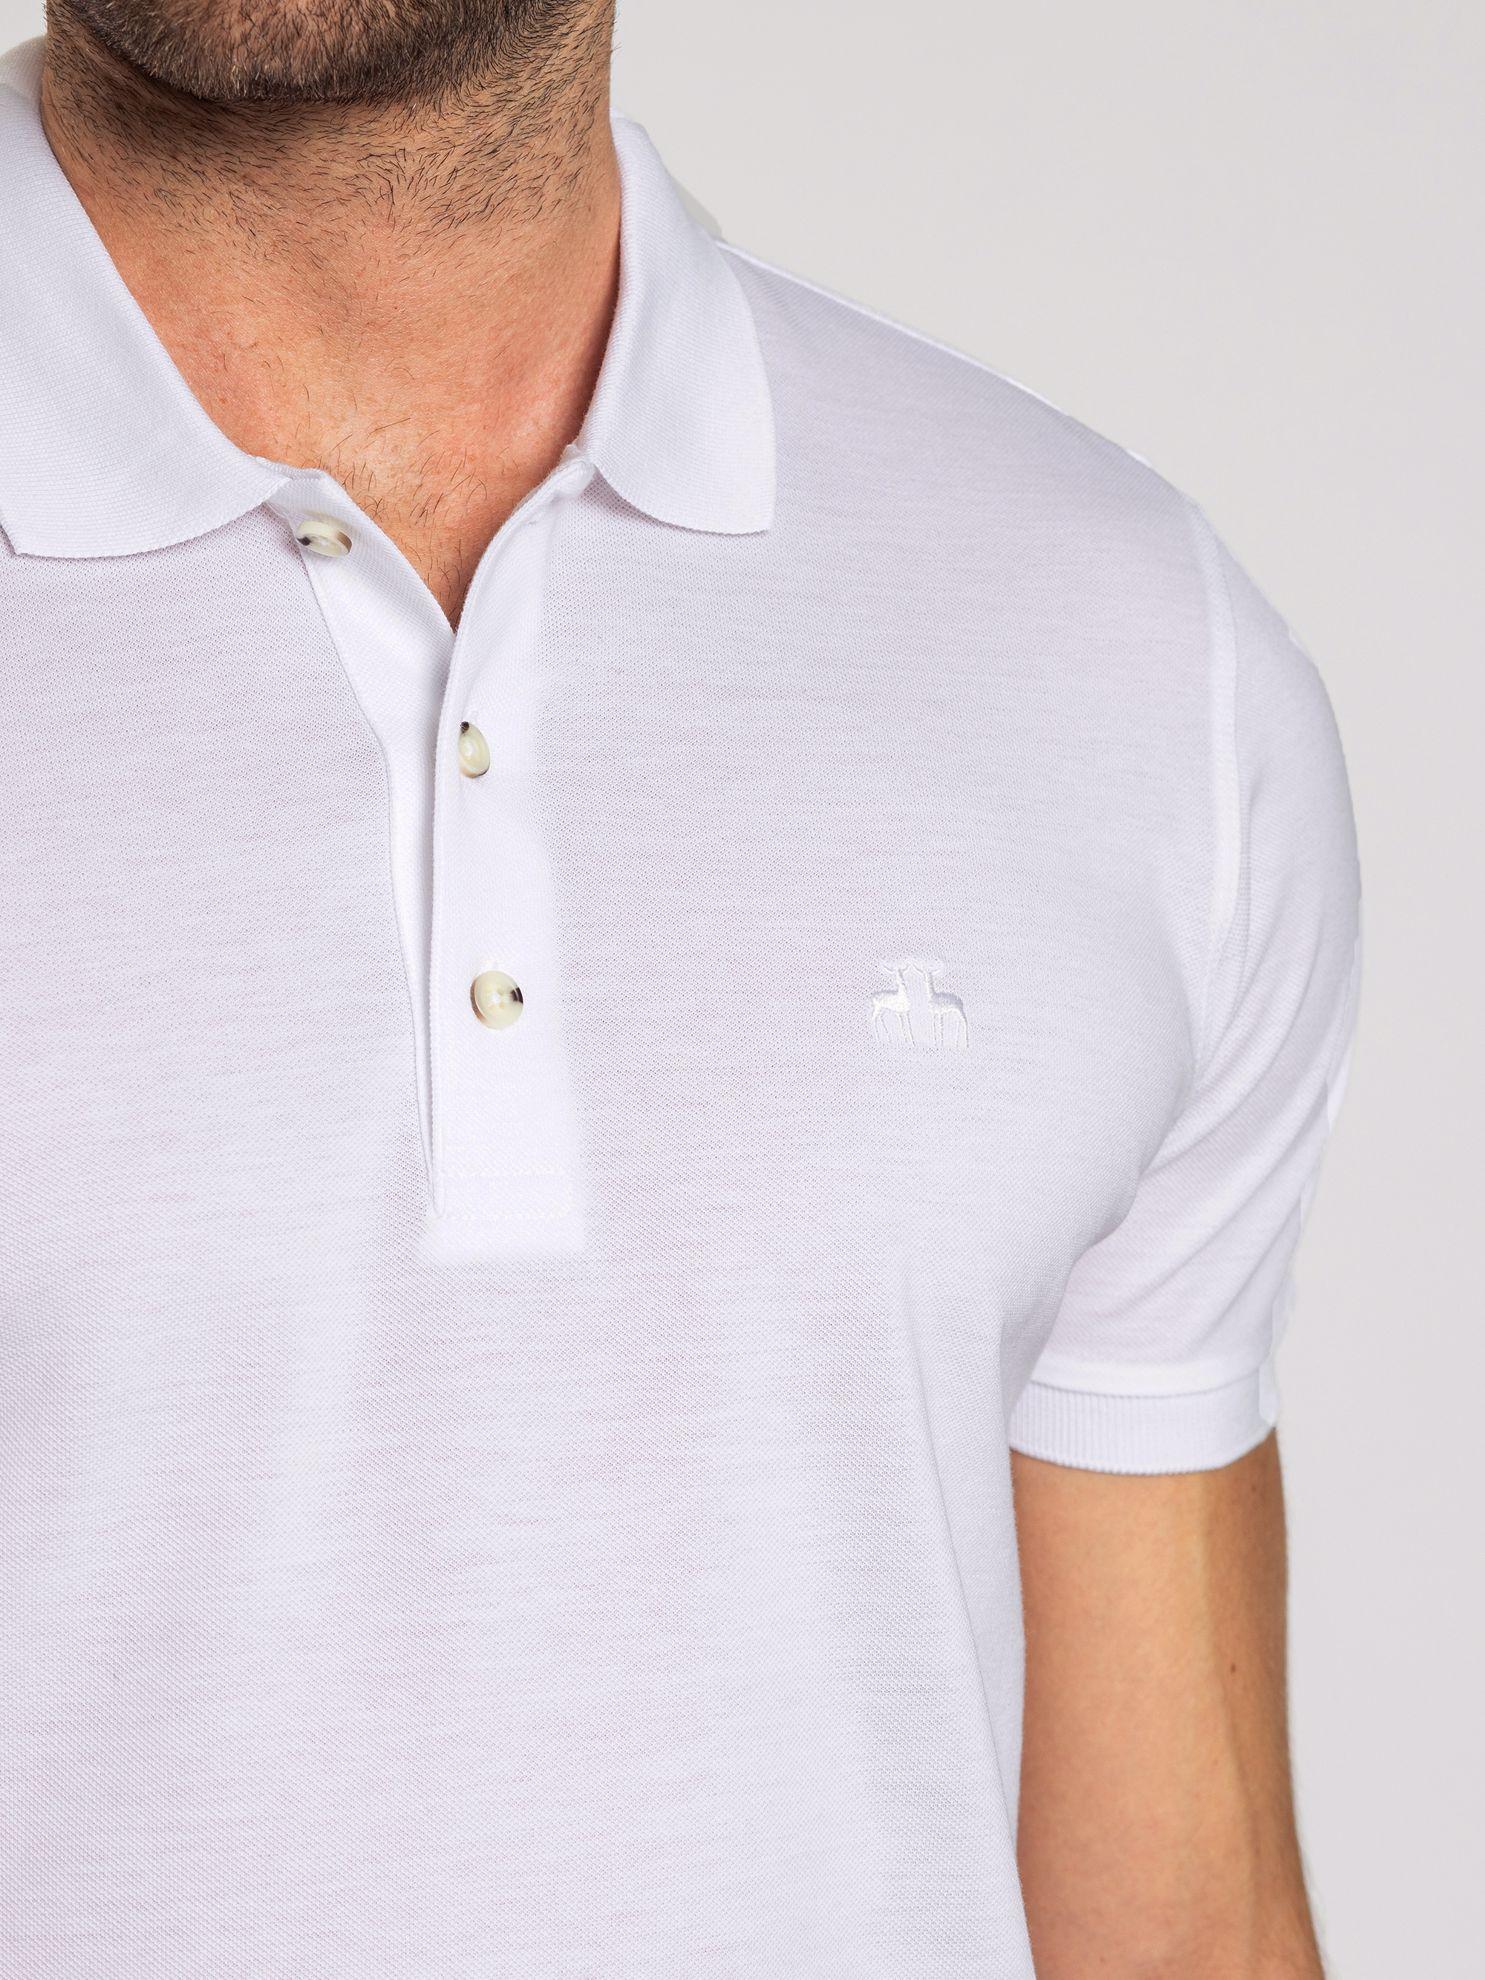 Karaca Erkek Slım Fıt Polo Yaka Tişört-Beyaz. ürün görseli